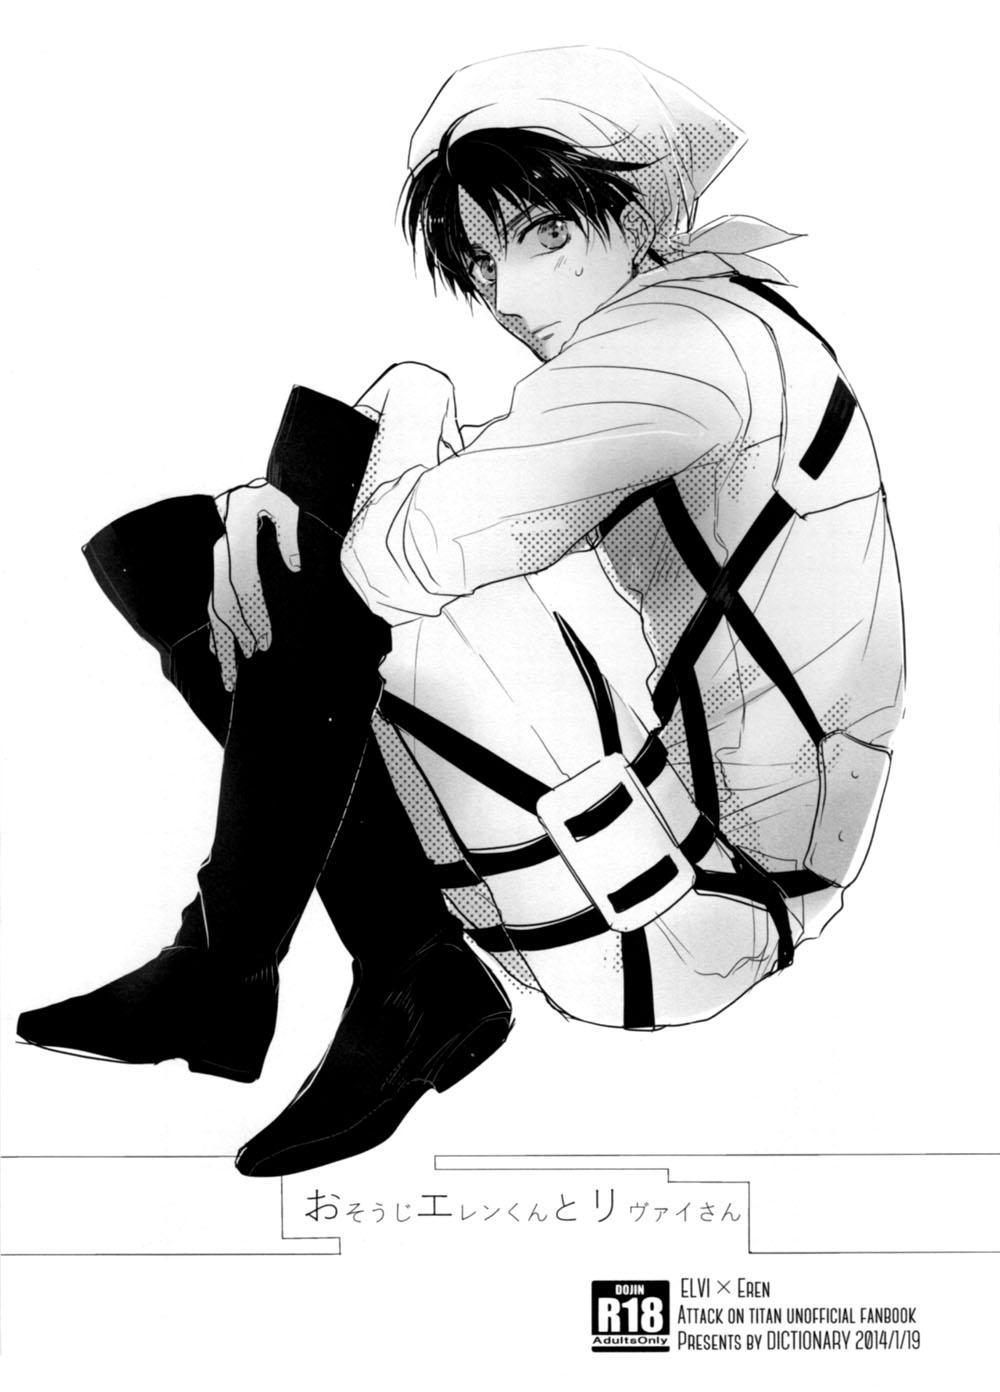 [Dictionary] O-souji Eren-kun to Levi-san (Shingeki no Kyojin) [English] (Moy Moe Scanlations) 0